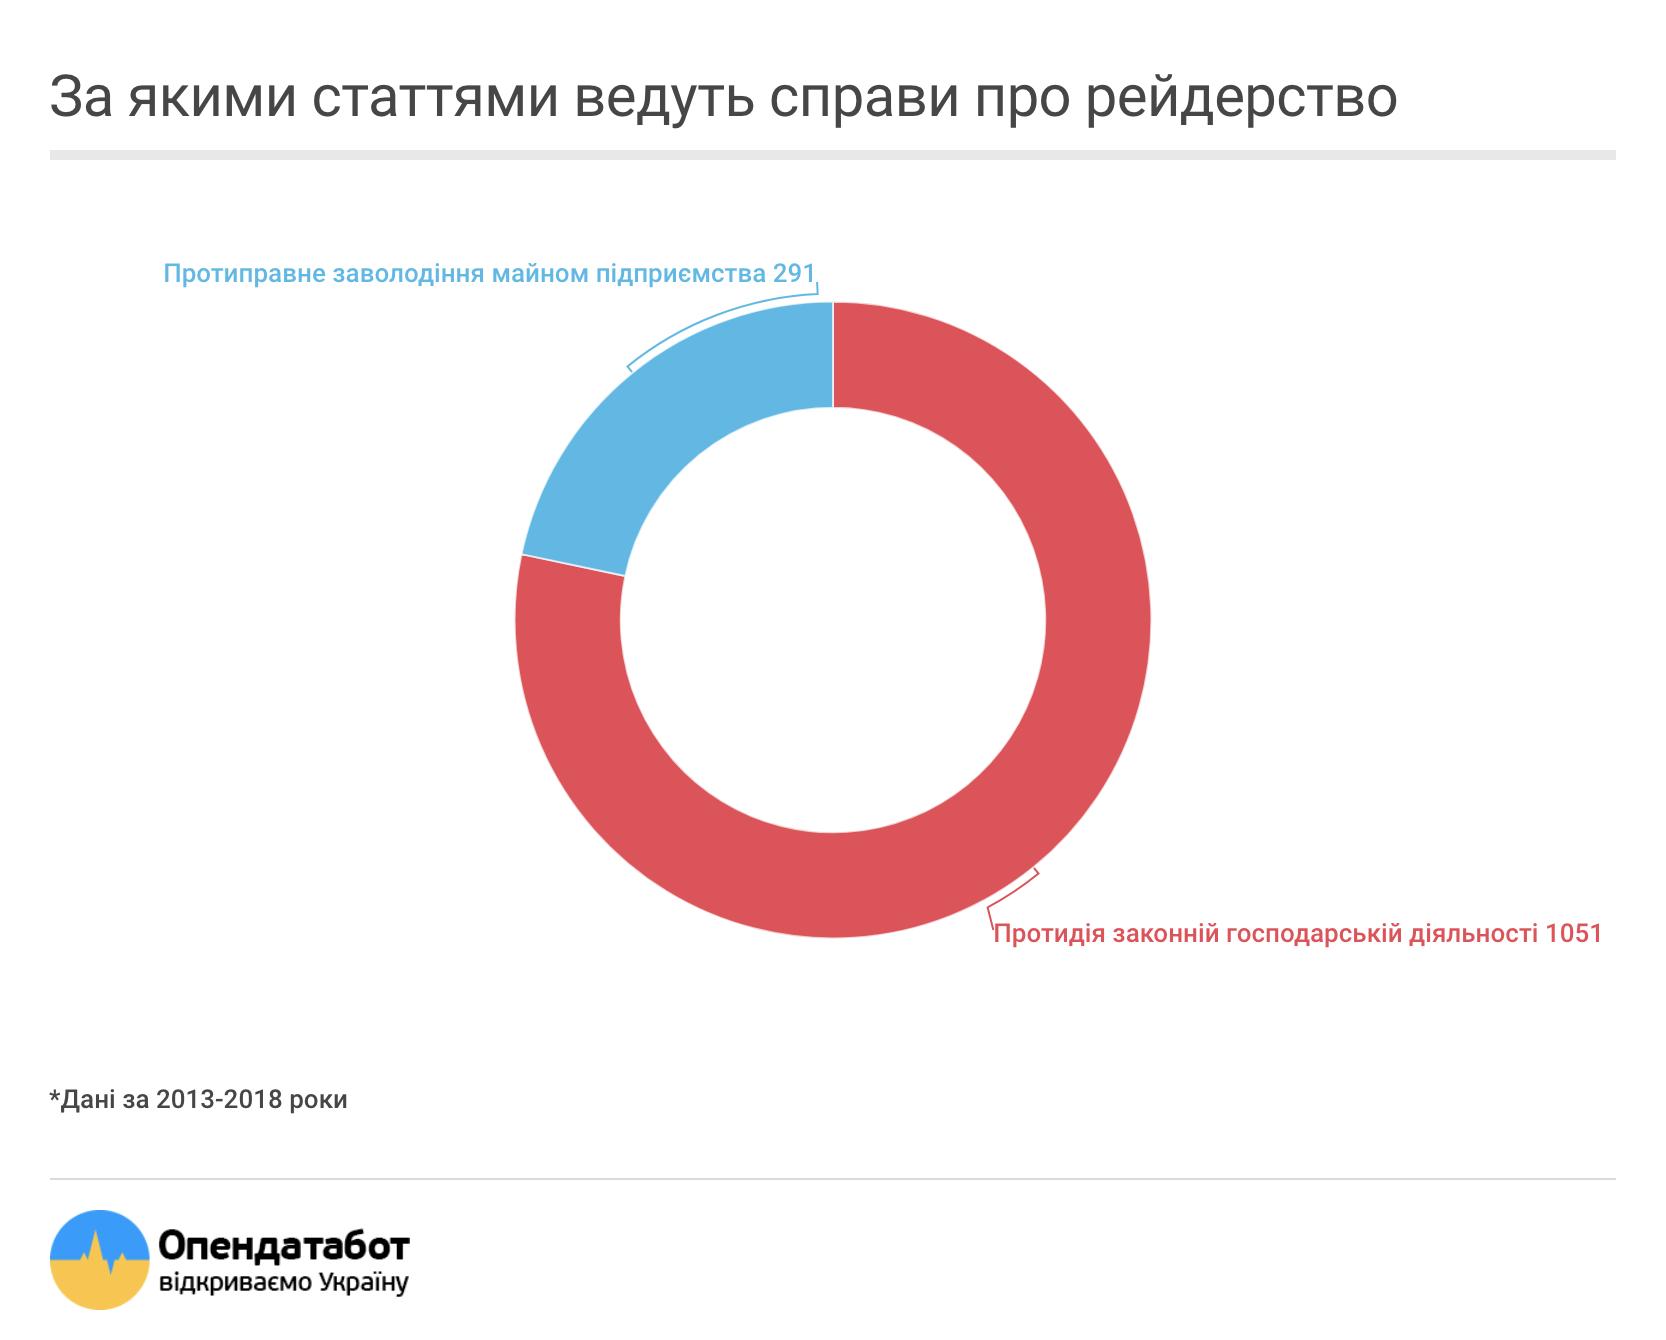 Львівщина в лідерах по кількості в рейдерських захопленнь